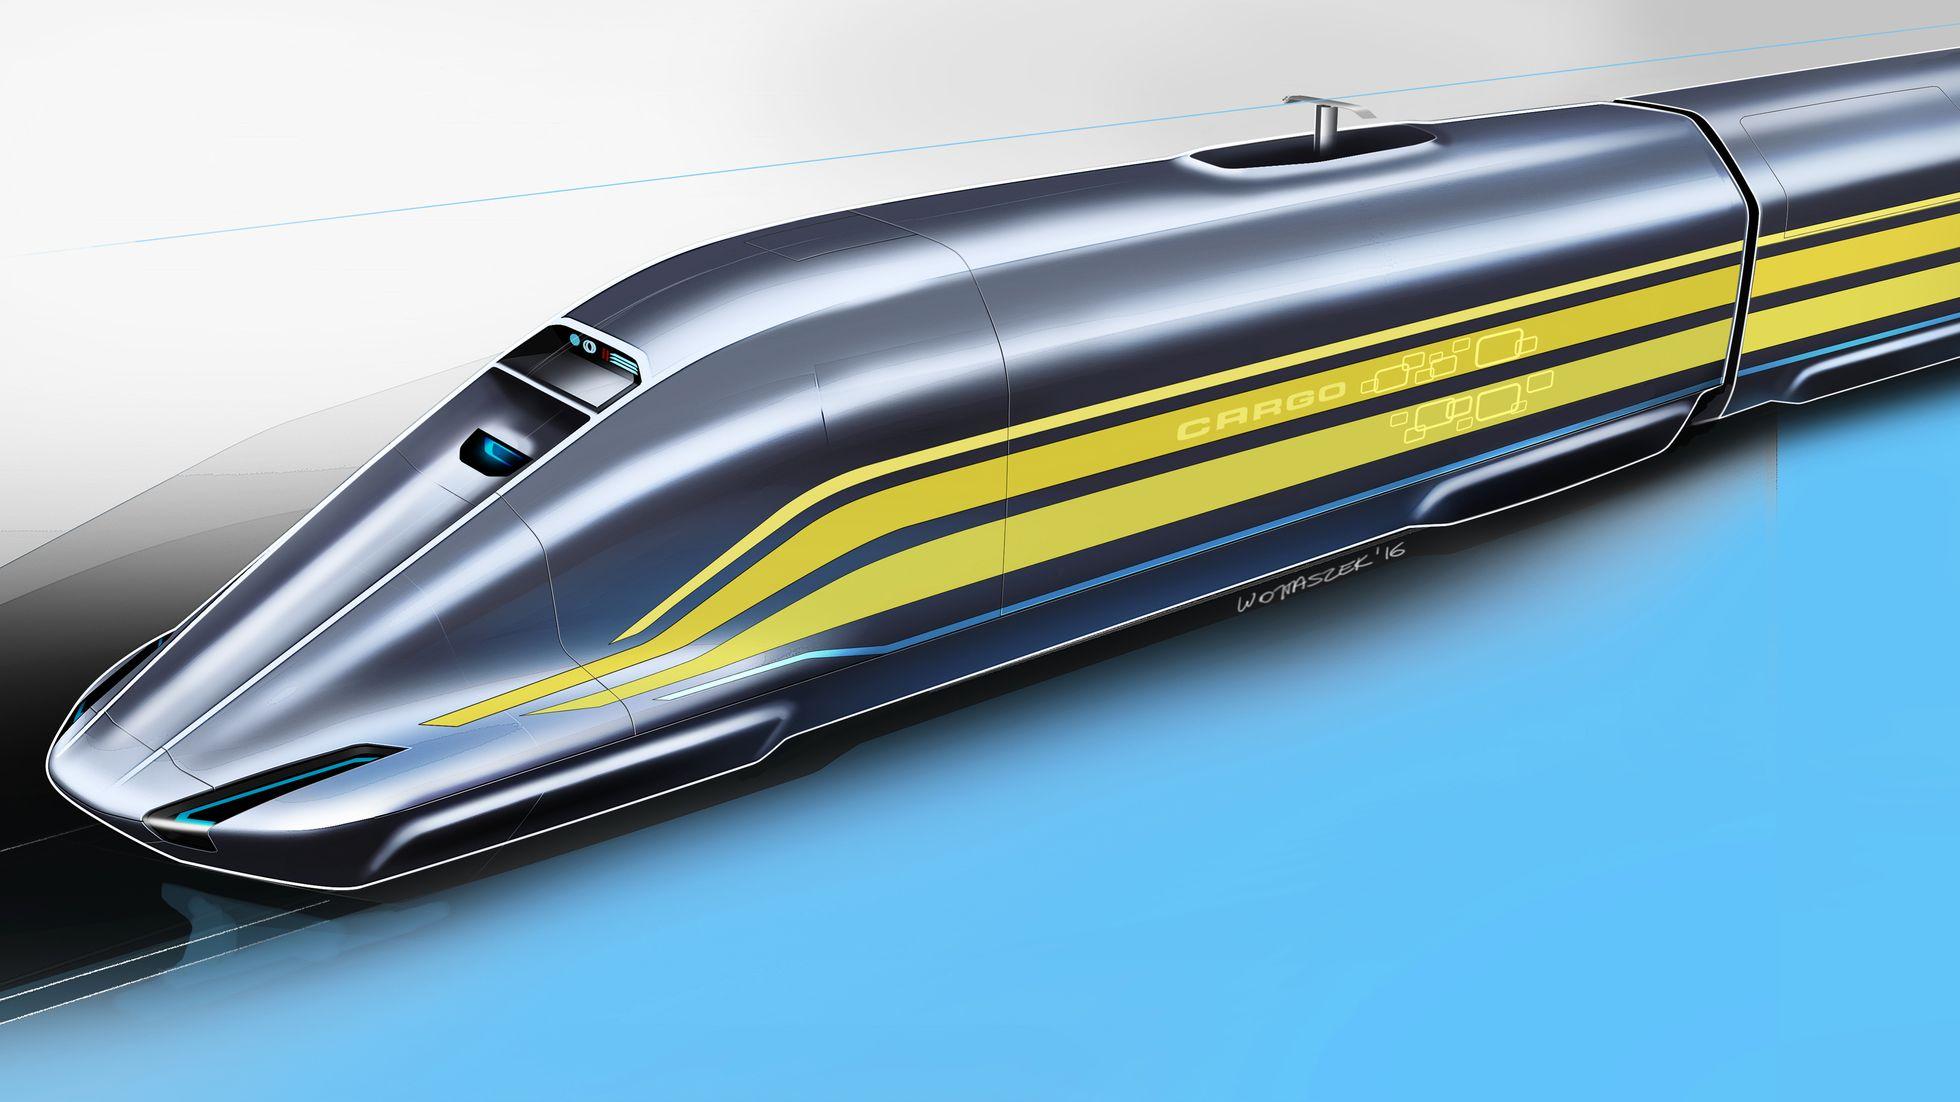 Next Generation Car: Das Fahrzeug der Zukunft ist modular - Das Projekt steht im Zusammenahng mit dem Zug-Projekt Next Generation Train. (Bild: DLR)